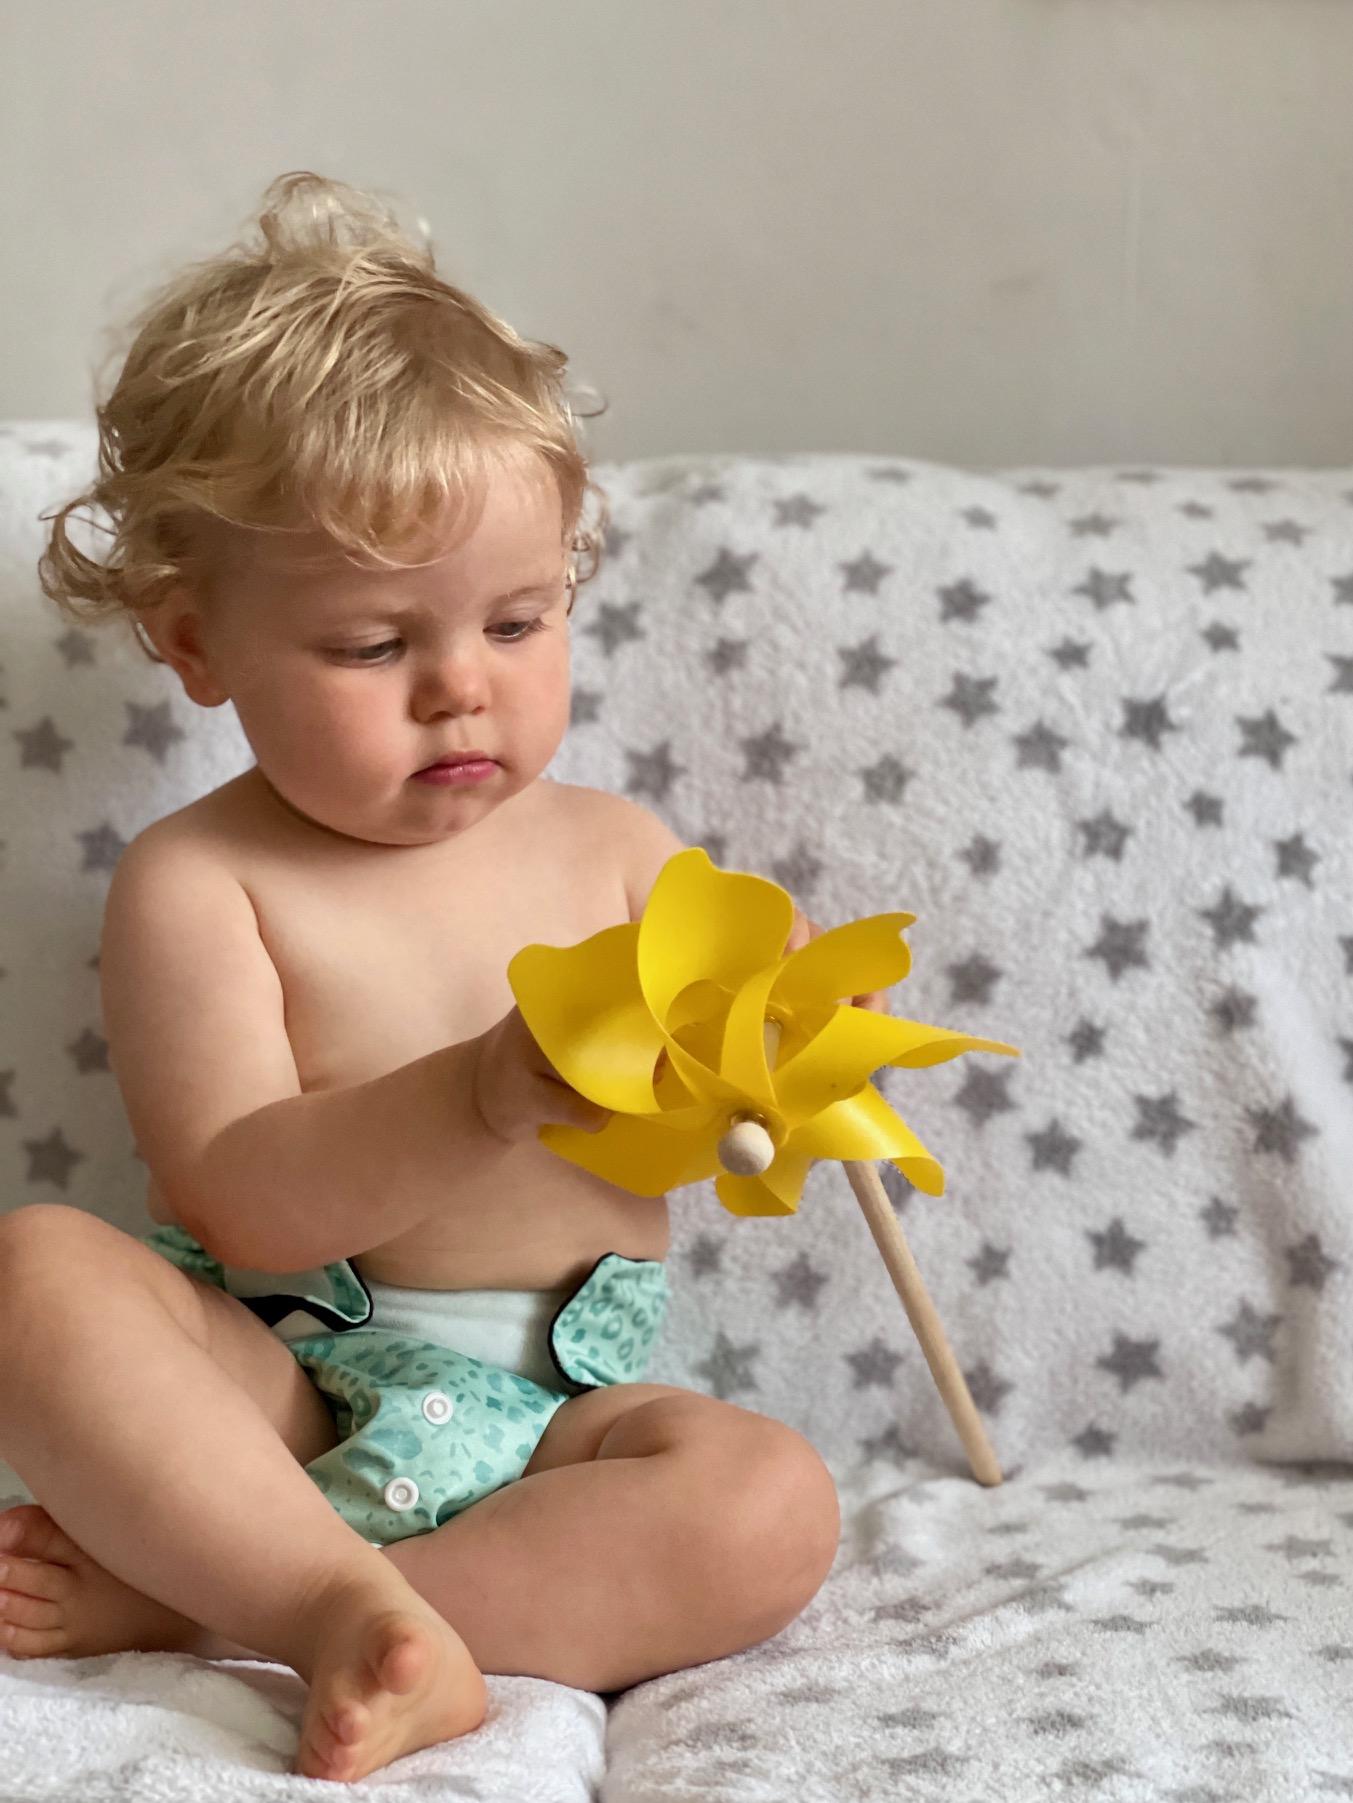 ModiBodi reusable diapers - environmentally friendly nappies